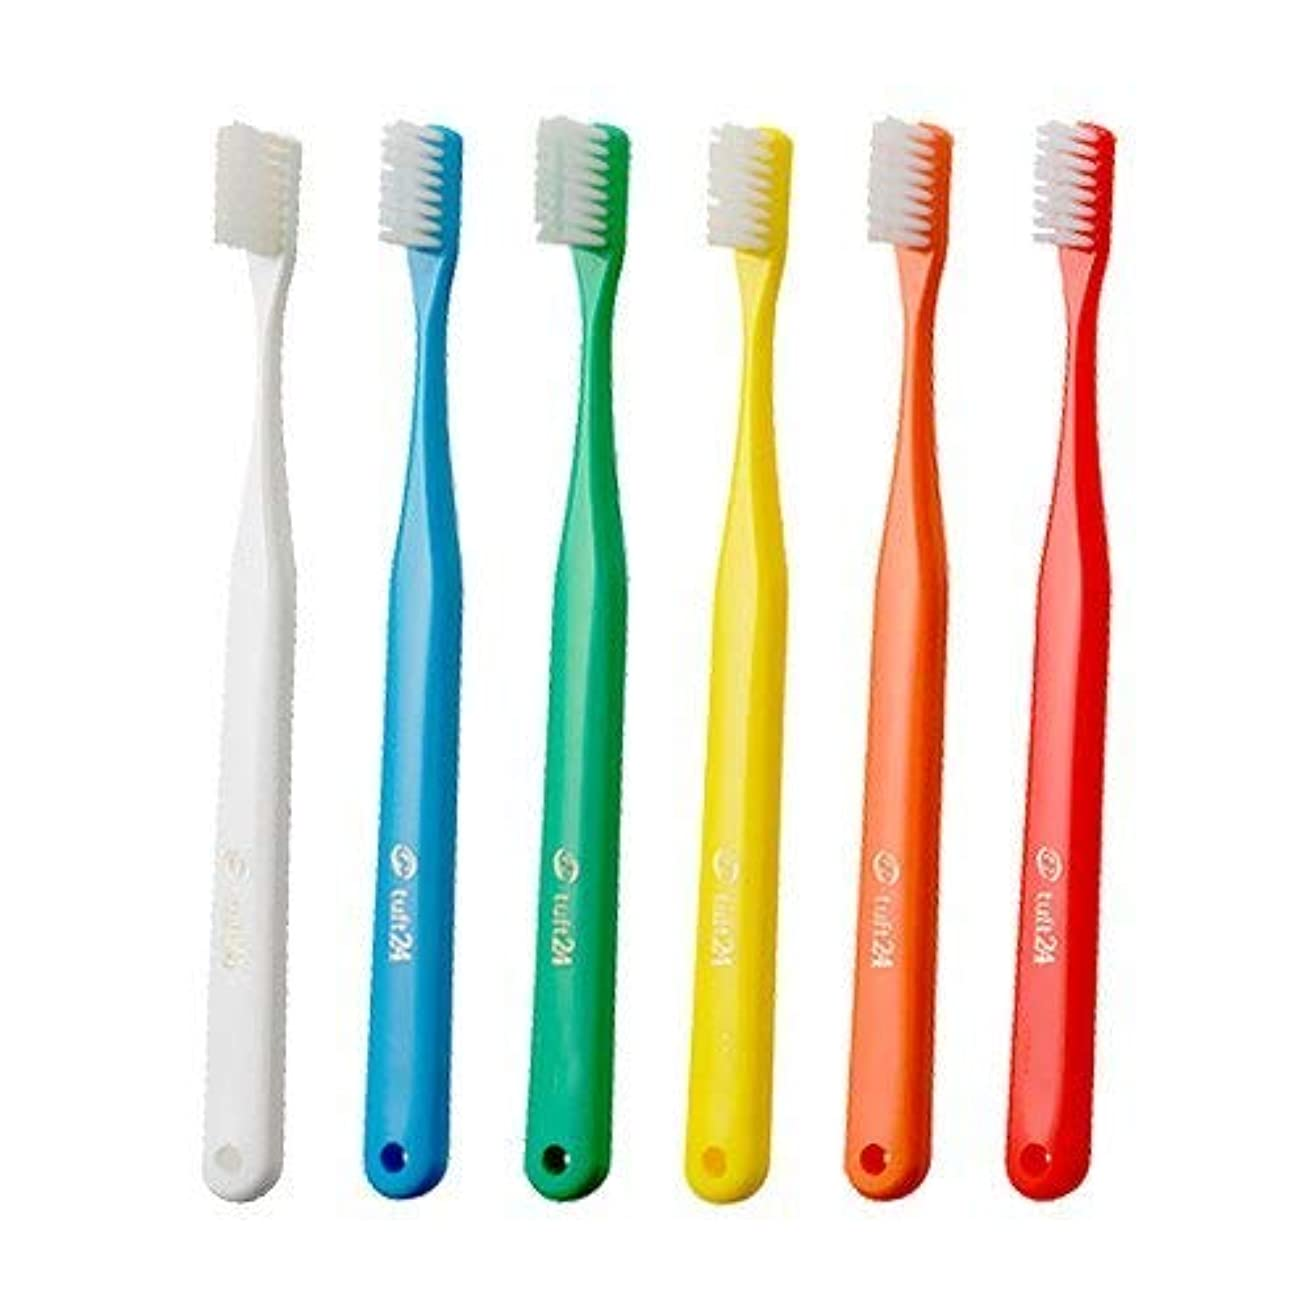 有利オペレーター悪行オーラルケア キャップなし タフト24 歯ブラシ × 10本 (M)